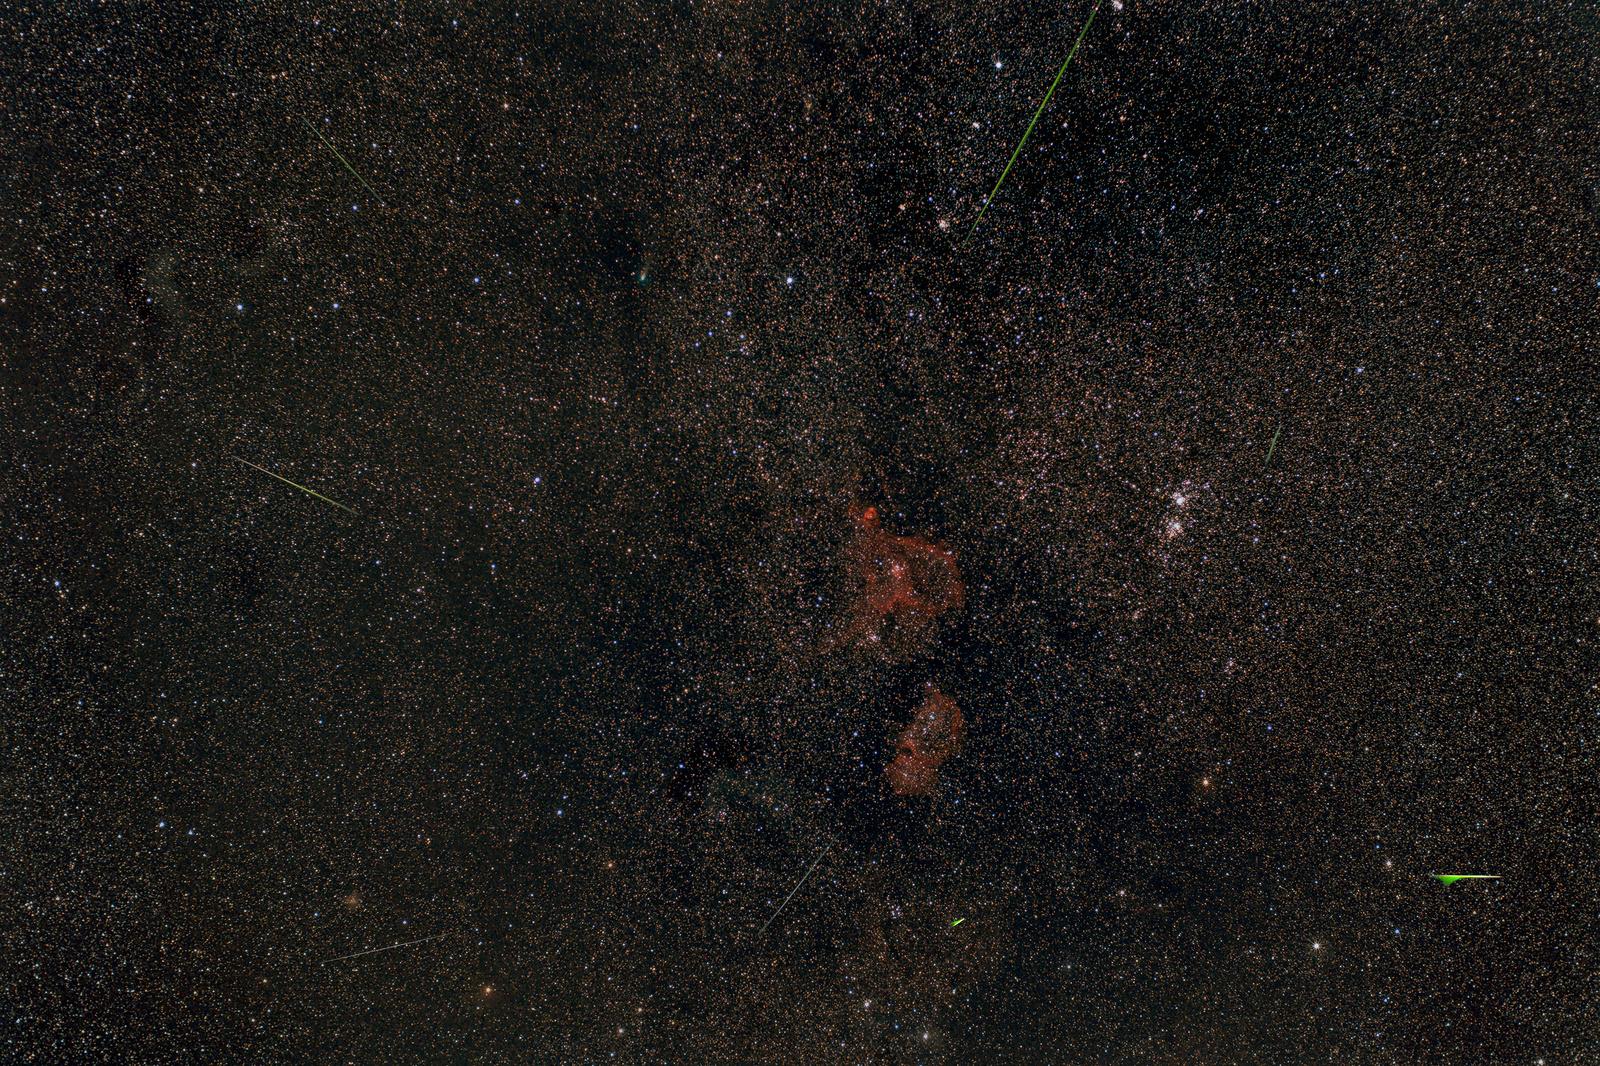 2032163383_HS_wide_meteor_s.thumb.jpg.ab6b3f310bcc76695bfc360f222a28ce.jpg